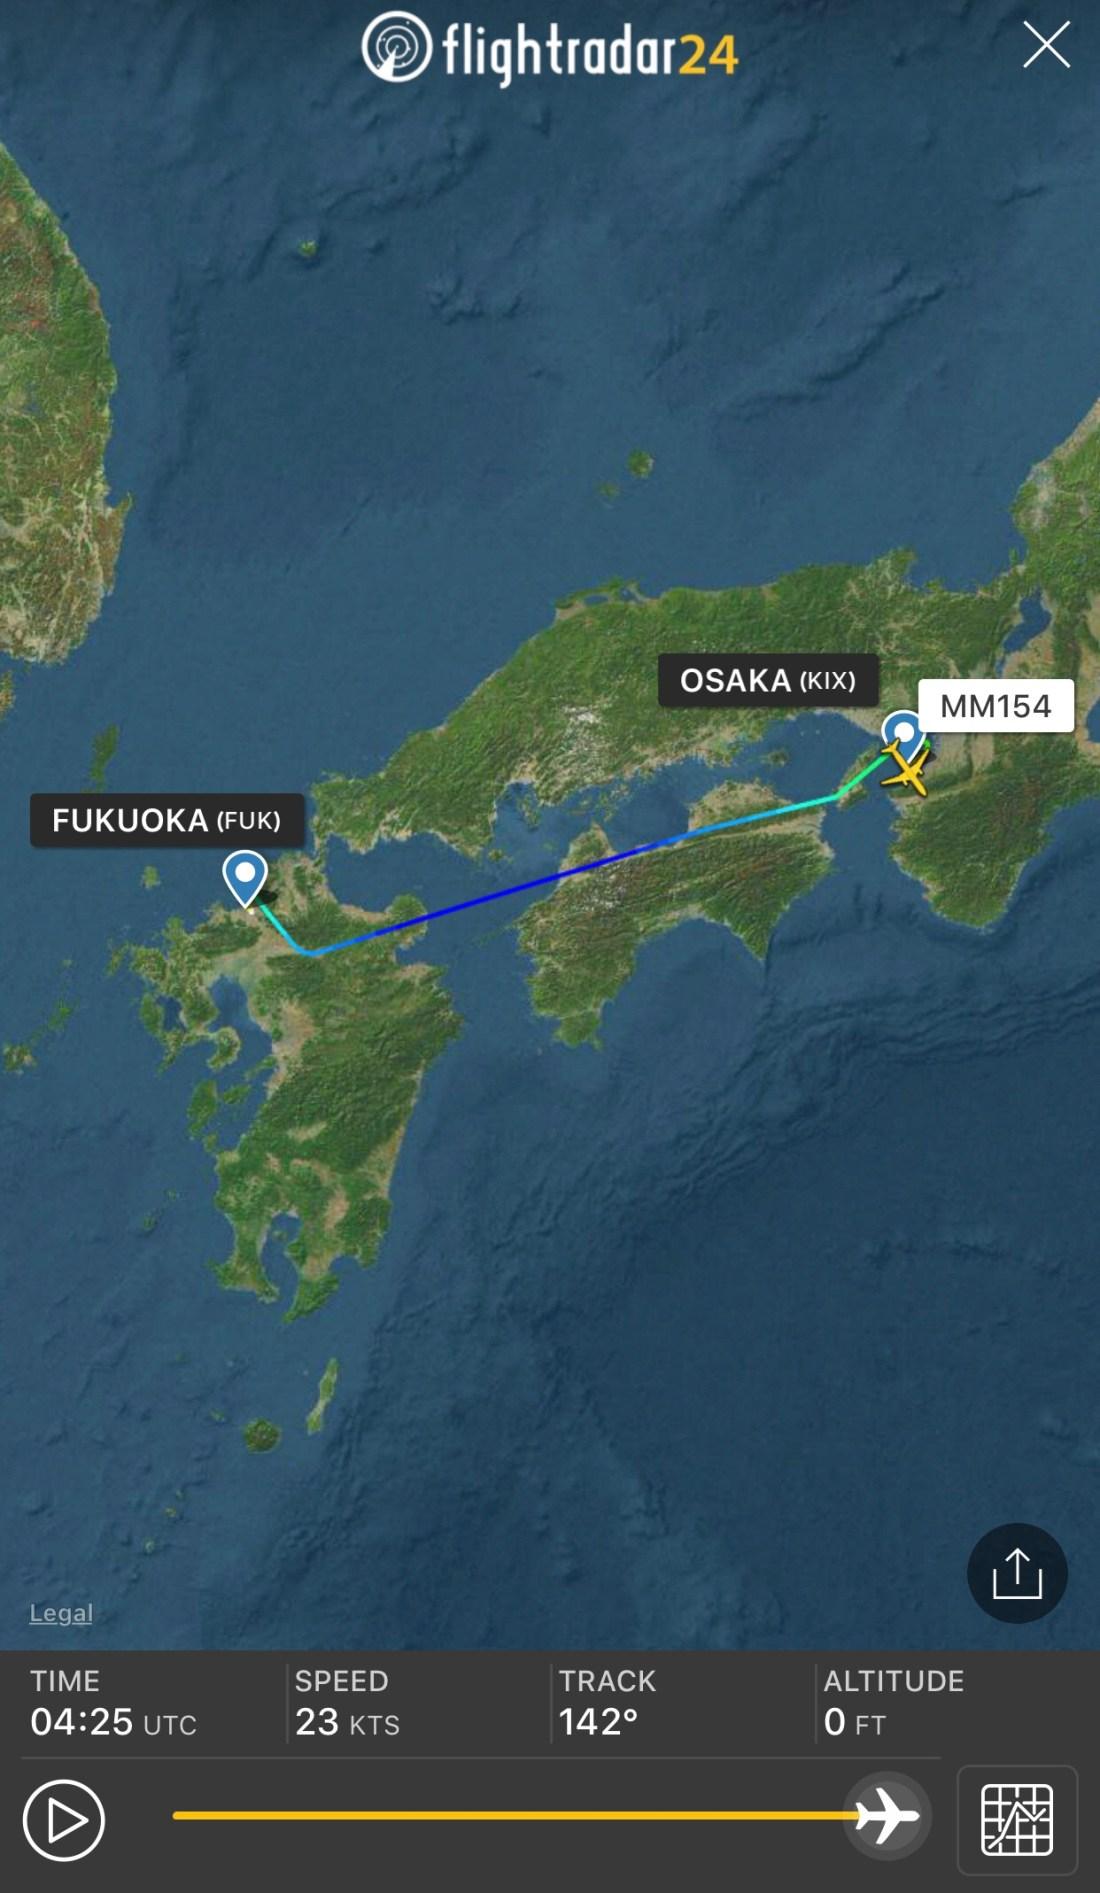 廉航飛行體驗 – Peach 樂桃航空FUK-KIX 福岡至大阪關西 – 里程資訊臺 – 用里程開始下一段旅行